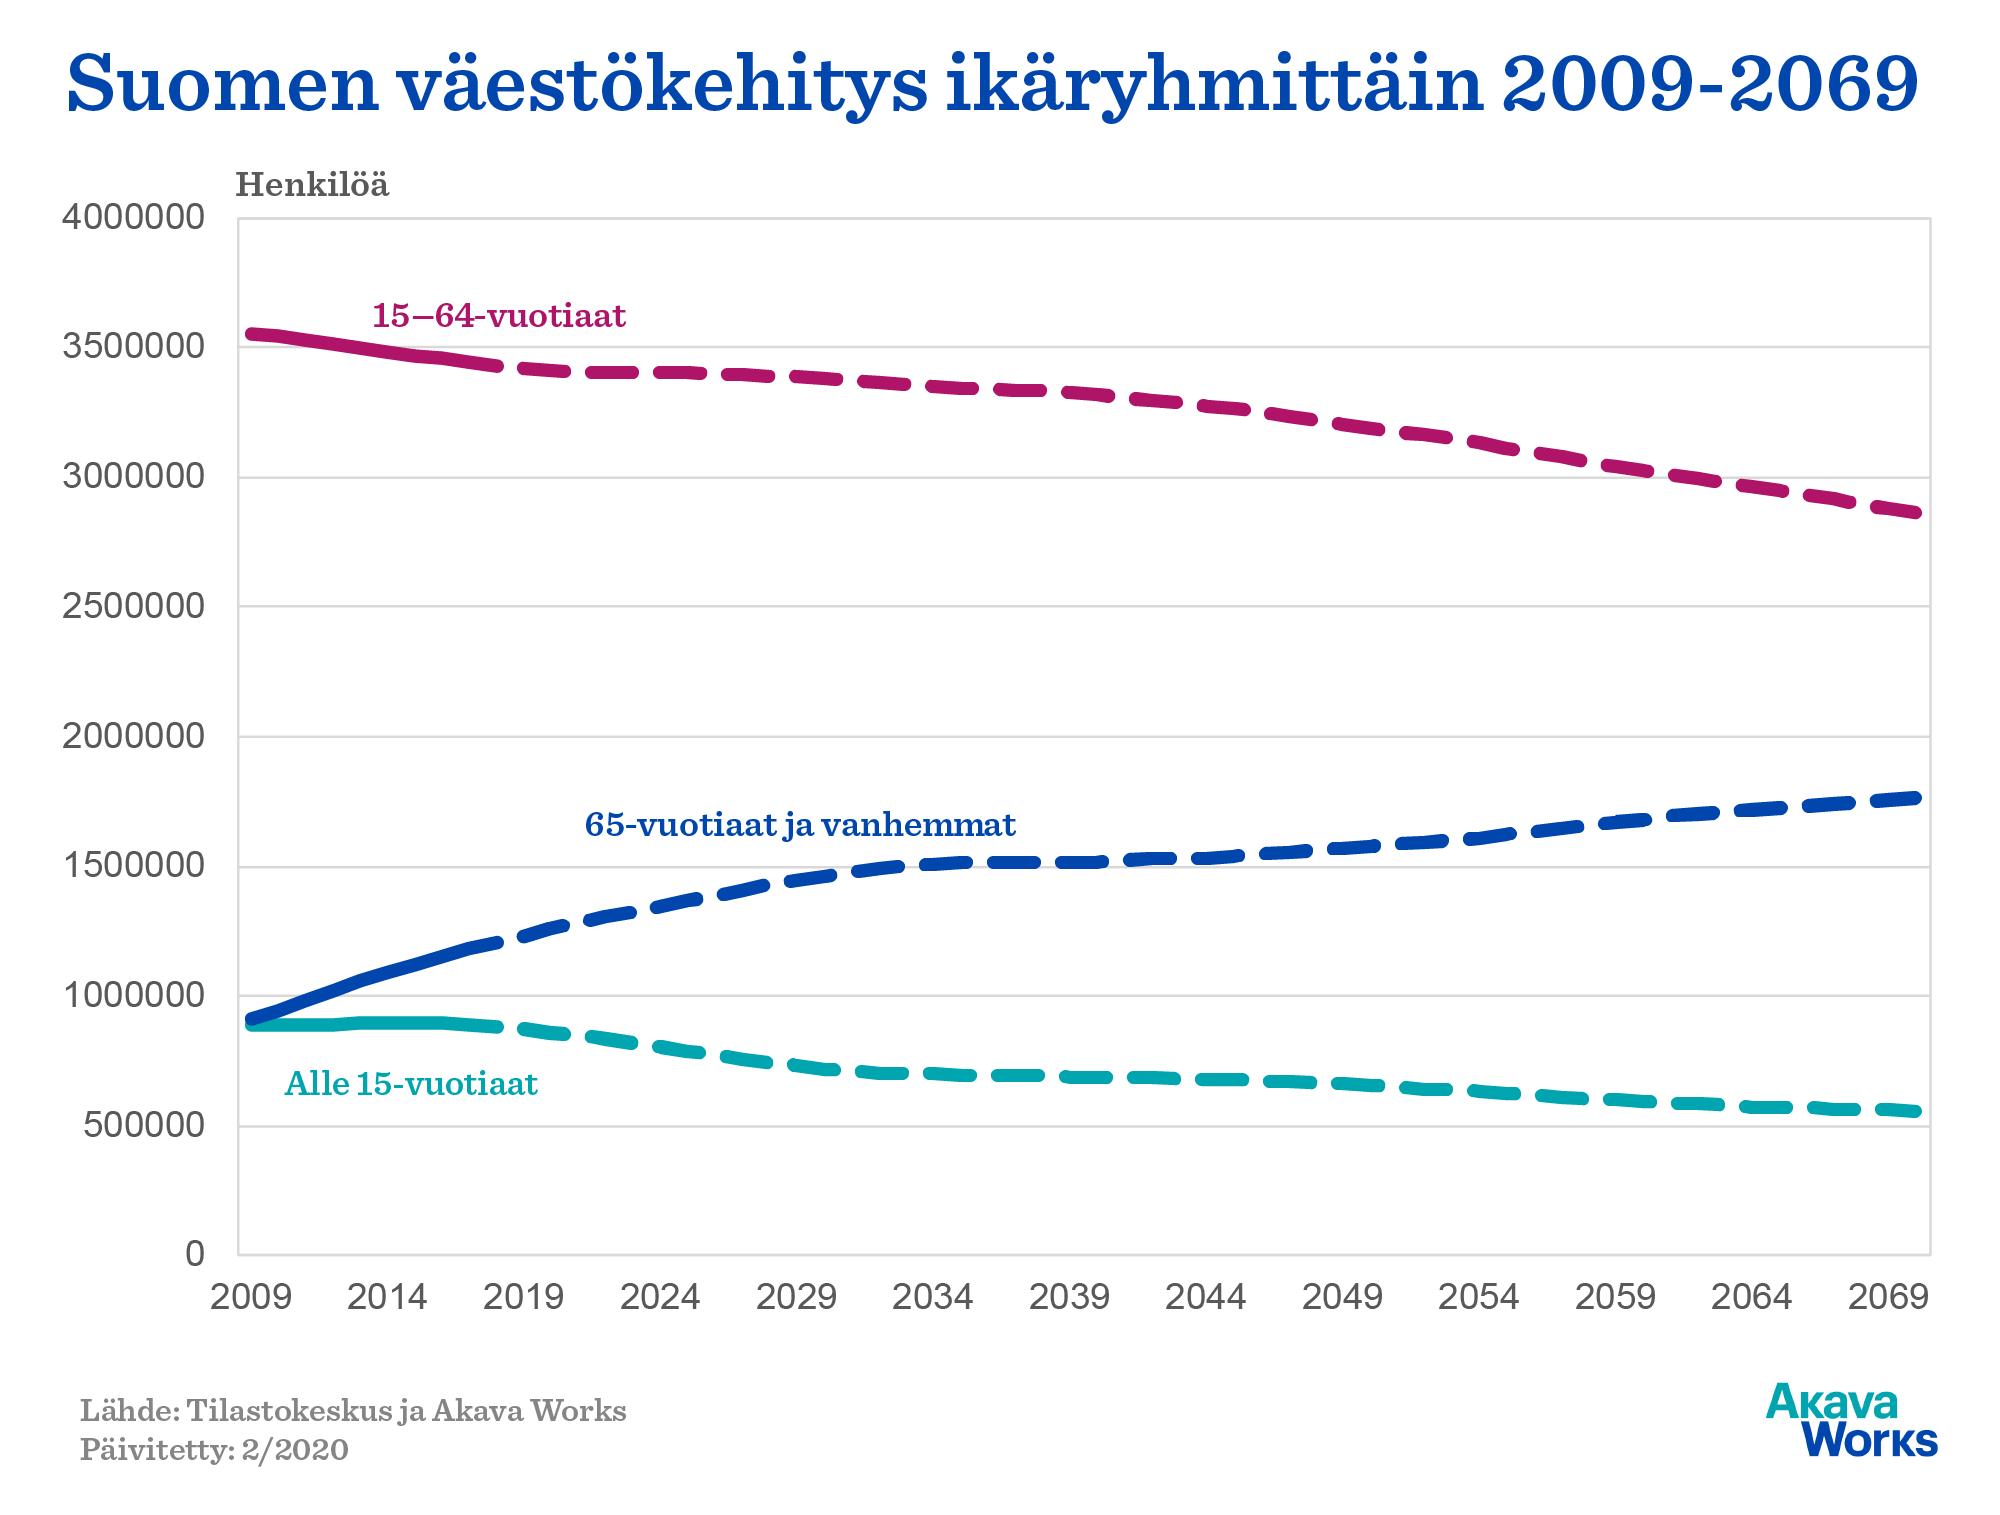 Suomen väestön kehitys ikäryhmittäin 2009-2069. Lähde: Akava Works ja Tilastokeskus. Päivitetty: 2/2020.